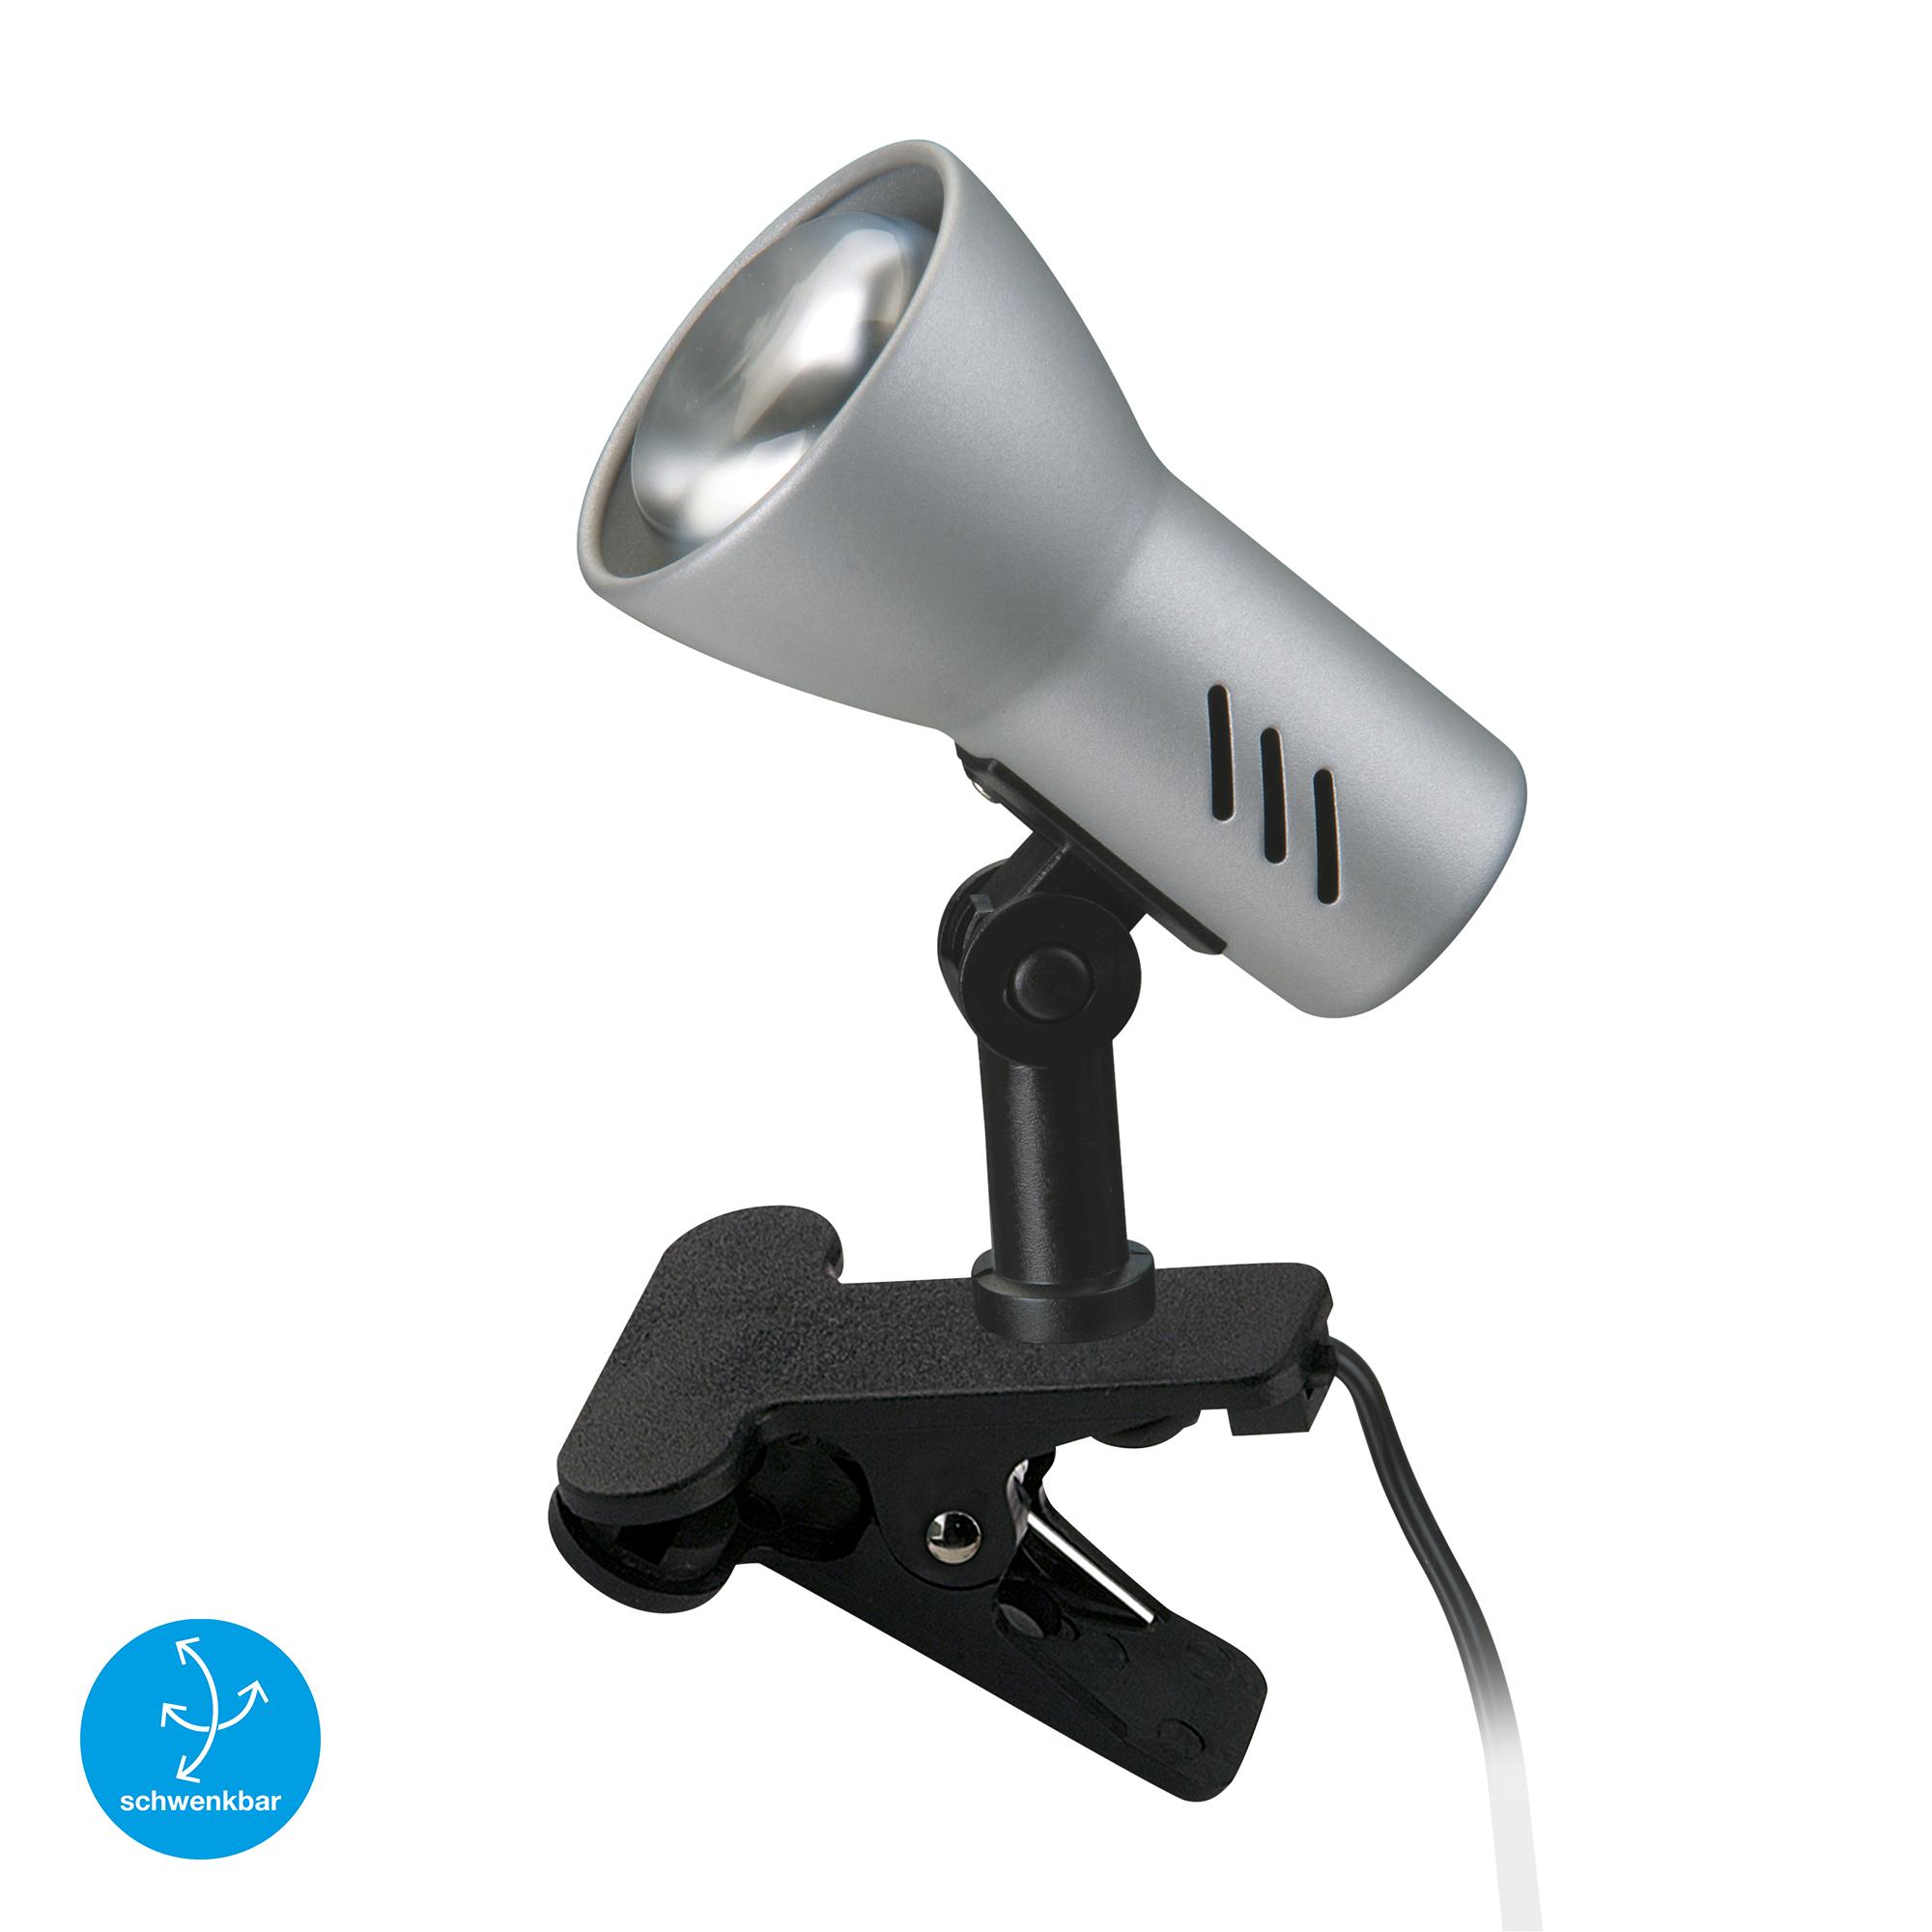 LED Klemmleuchte, 11,5 cm, max. 40 W, Titan